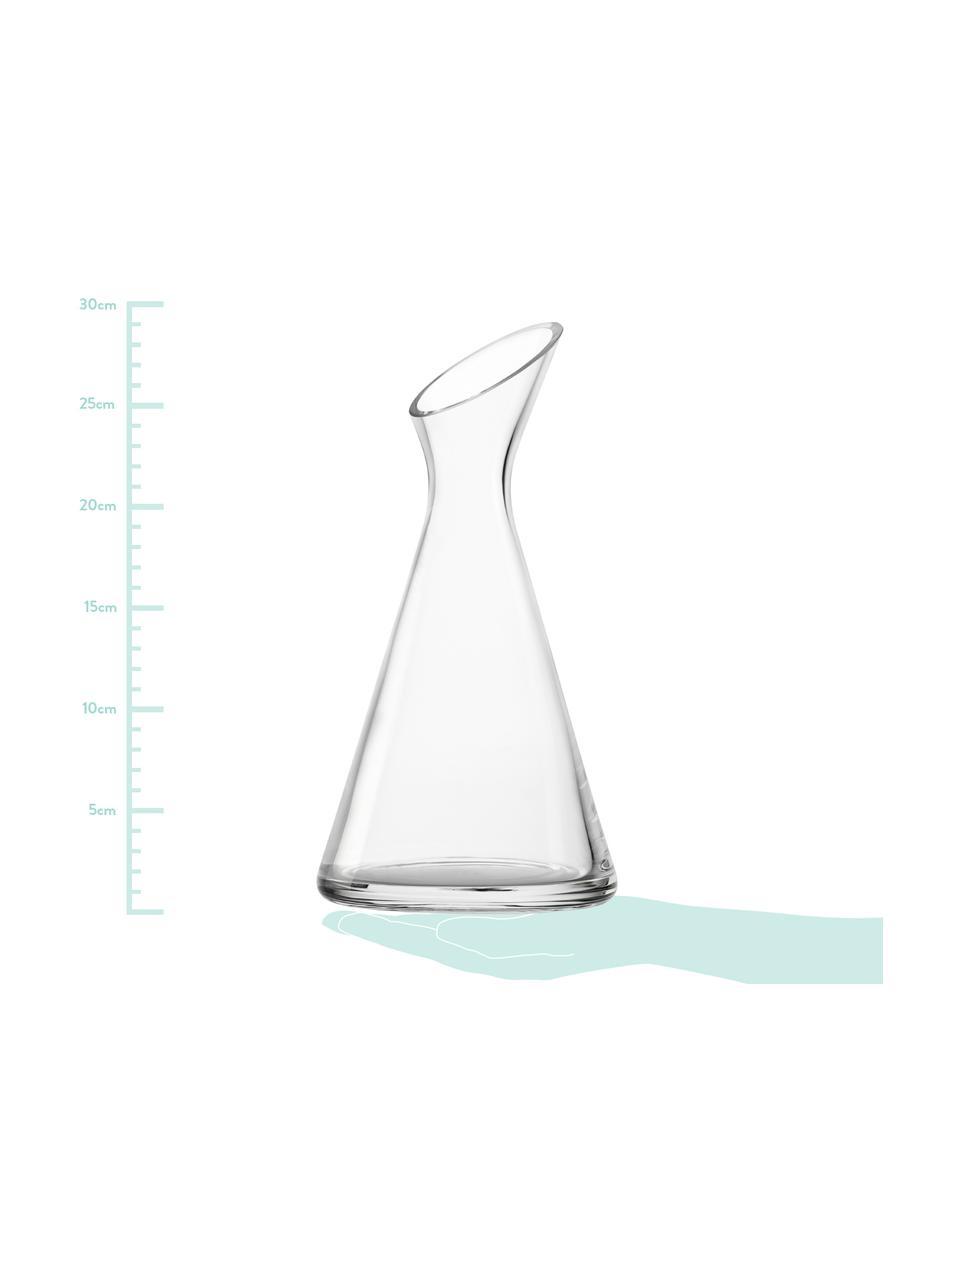 Kryształowa karafka z dmuchanego szkła One, 1 l, Szkło kryształowe, Transparentny, W 29 cm